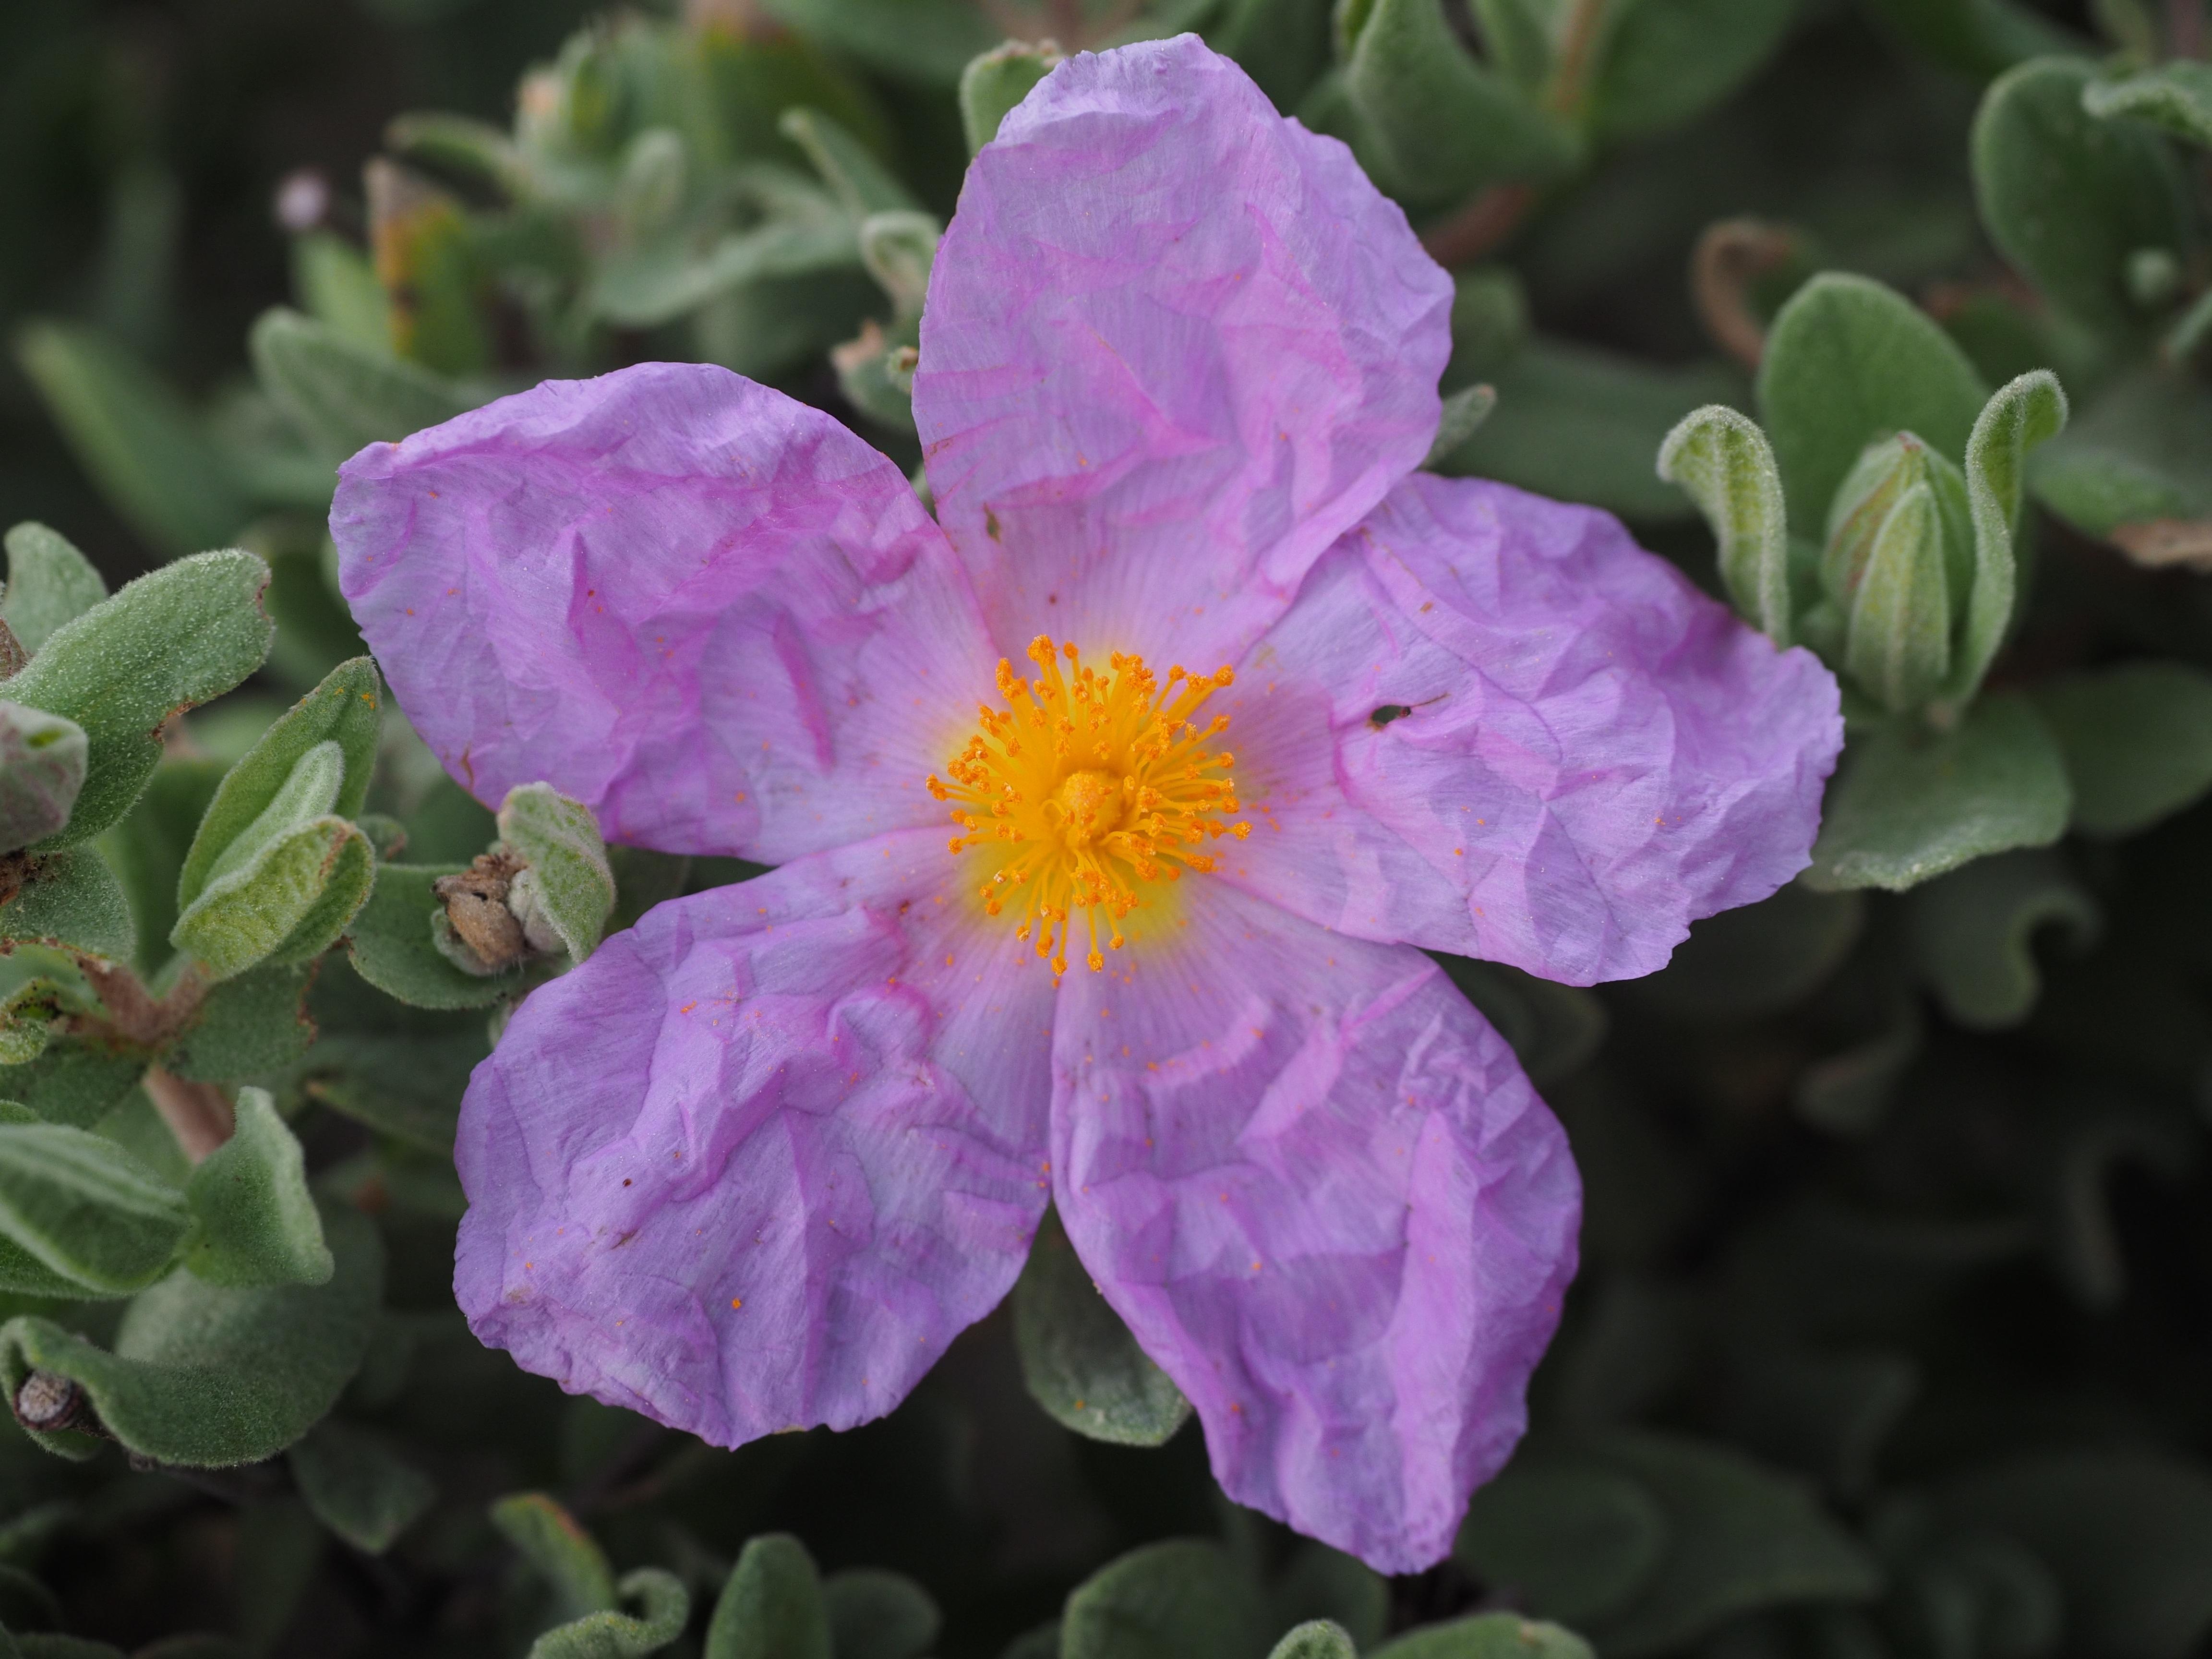 images gratuites : fleur, violet, pétale, floraison, rose